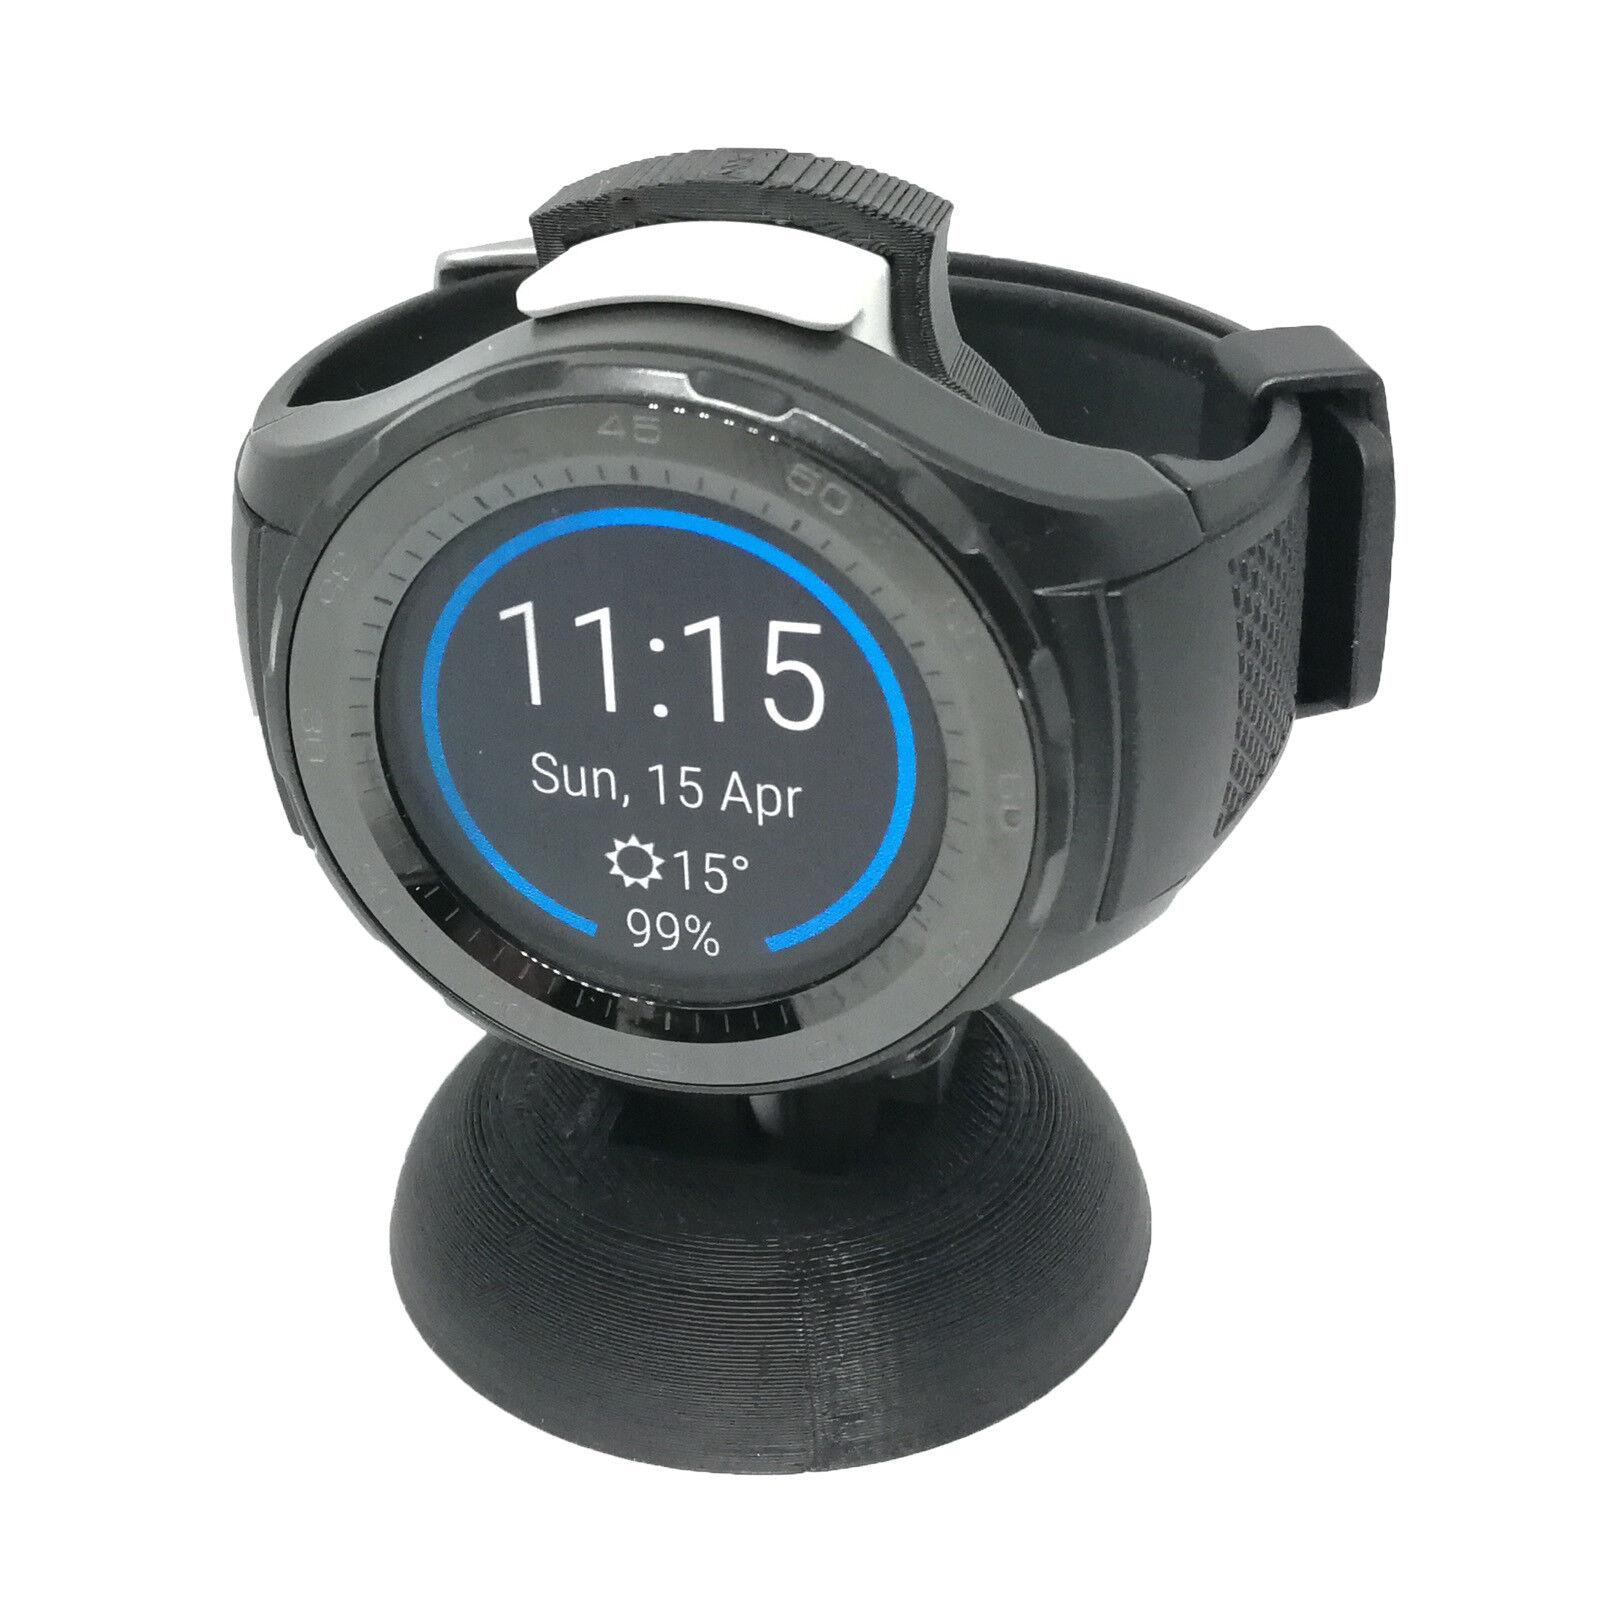 Halterung für Huawei Smartwatch 2 Ladegerät, Ständer mit smarter Kabelführung